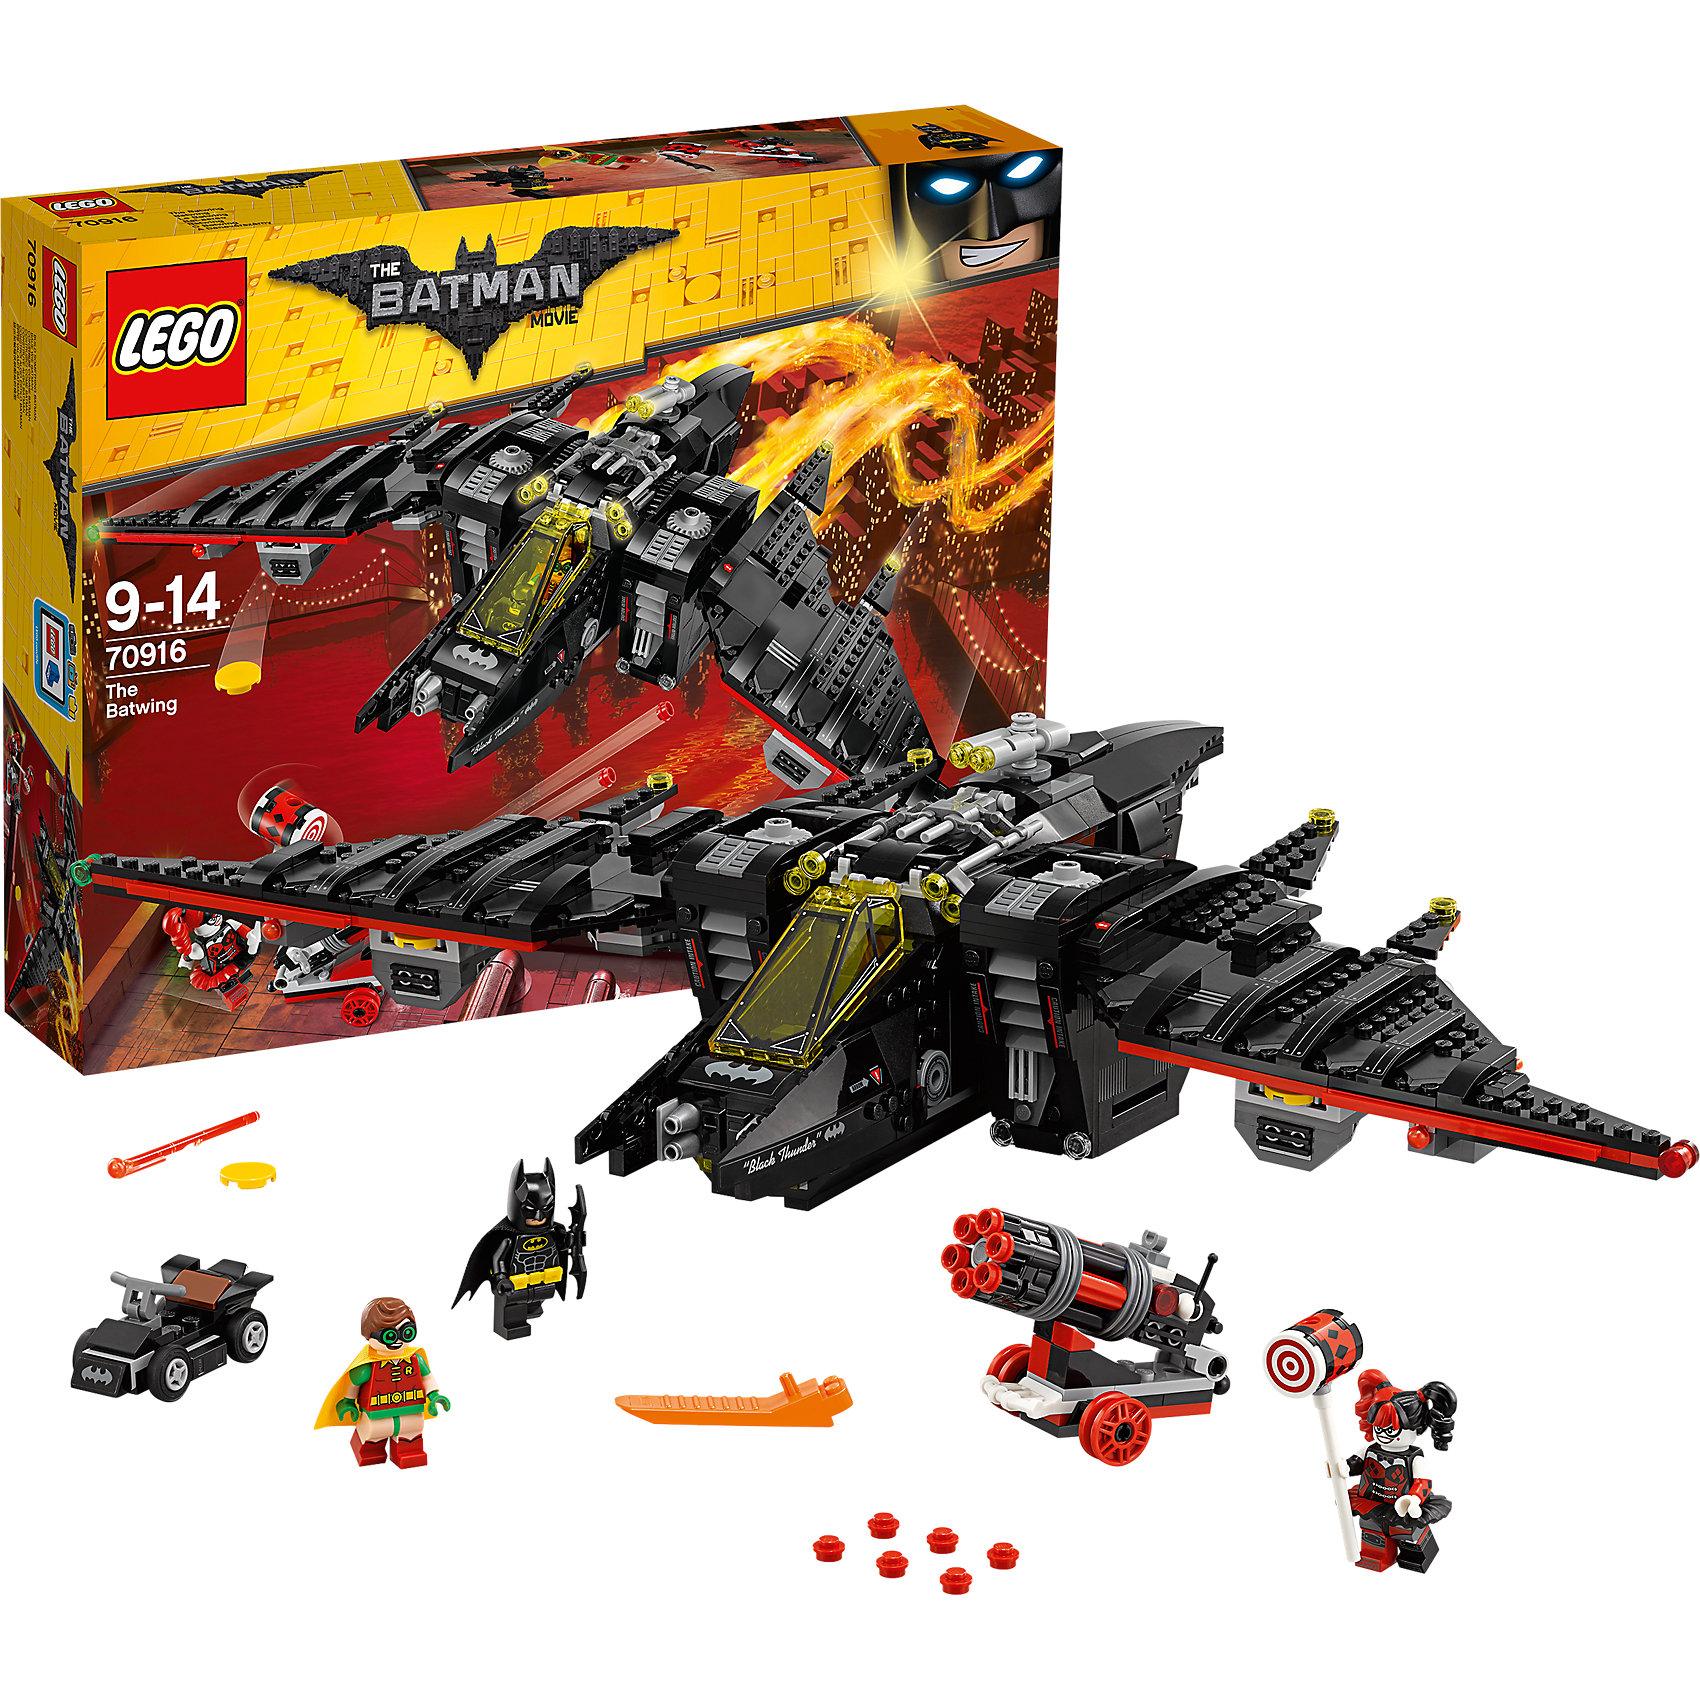 LEGO Batman Movie 70916: БэтмолётПластмассовые конструкторы<br><br><br>Ширина мм: 481<br>Глубина мм: 375<br>Высота мм: 101<br>Вес г: 1592<br>Возраст от месяцев: 108<br>Возраст до месяцев: 168<br>Пол: Мужской<br>Возраст: Детский<br>SKU: 5620006